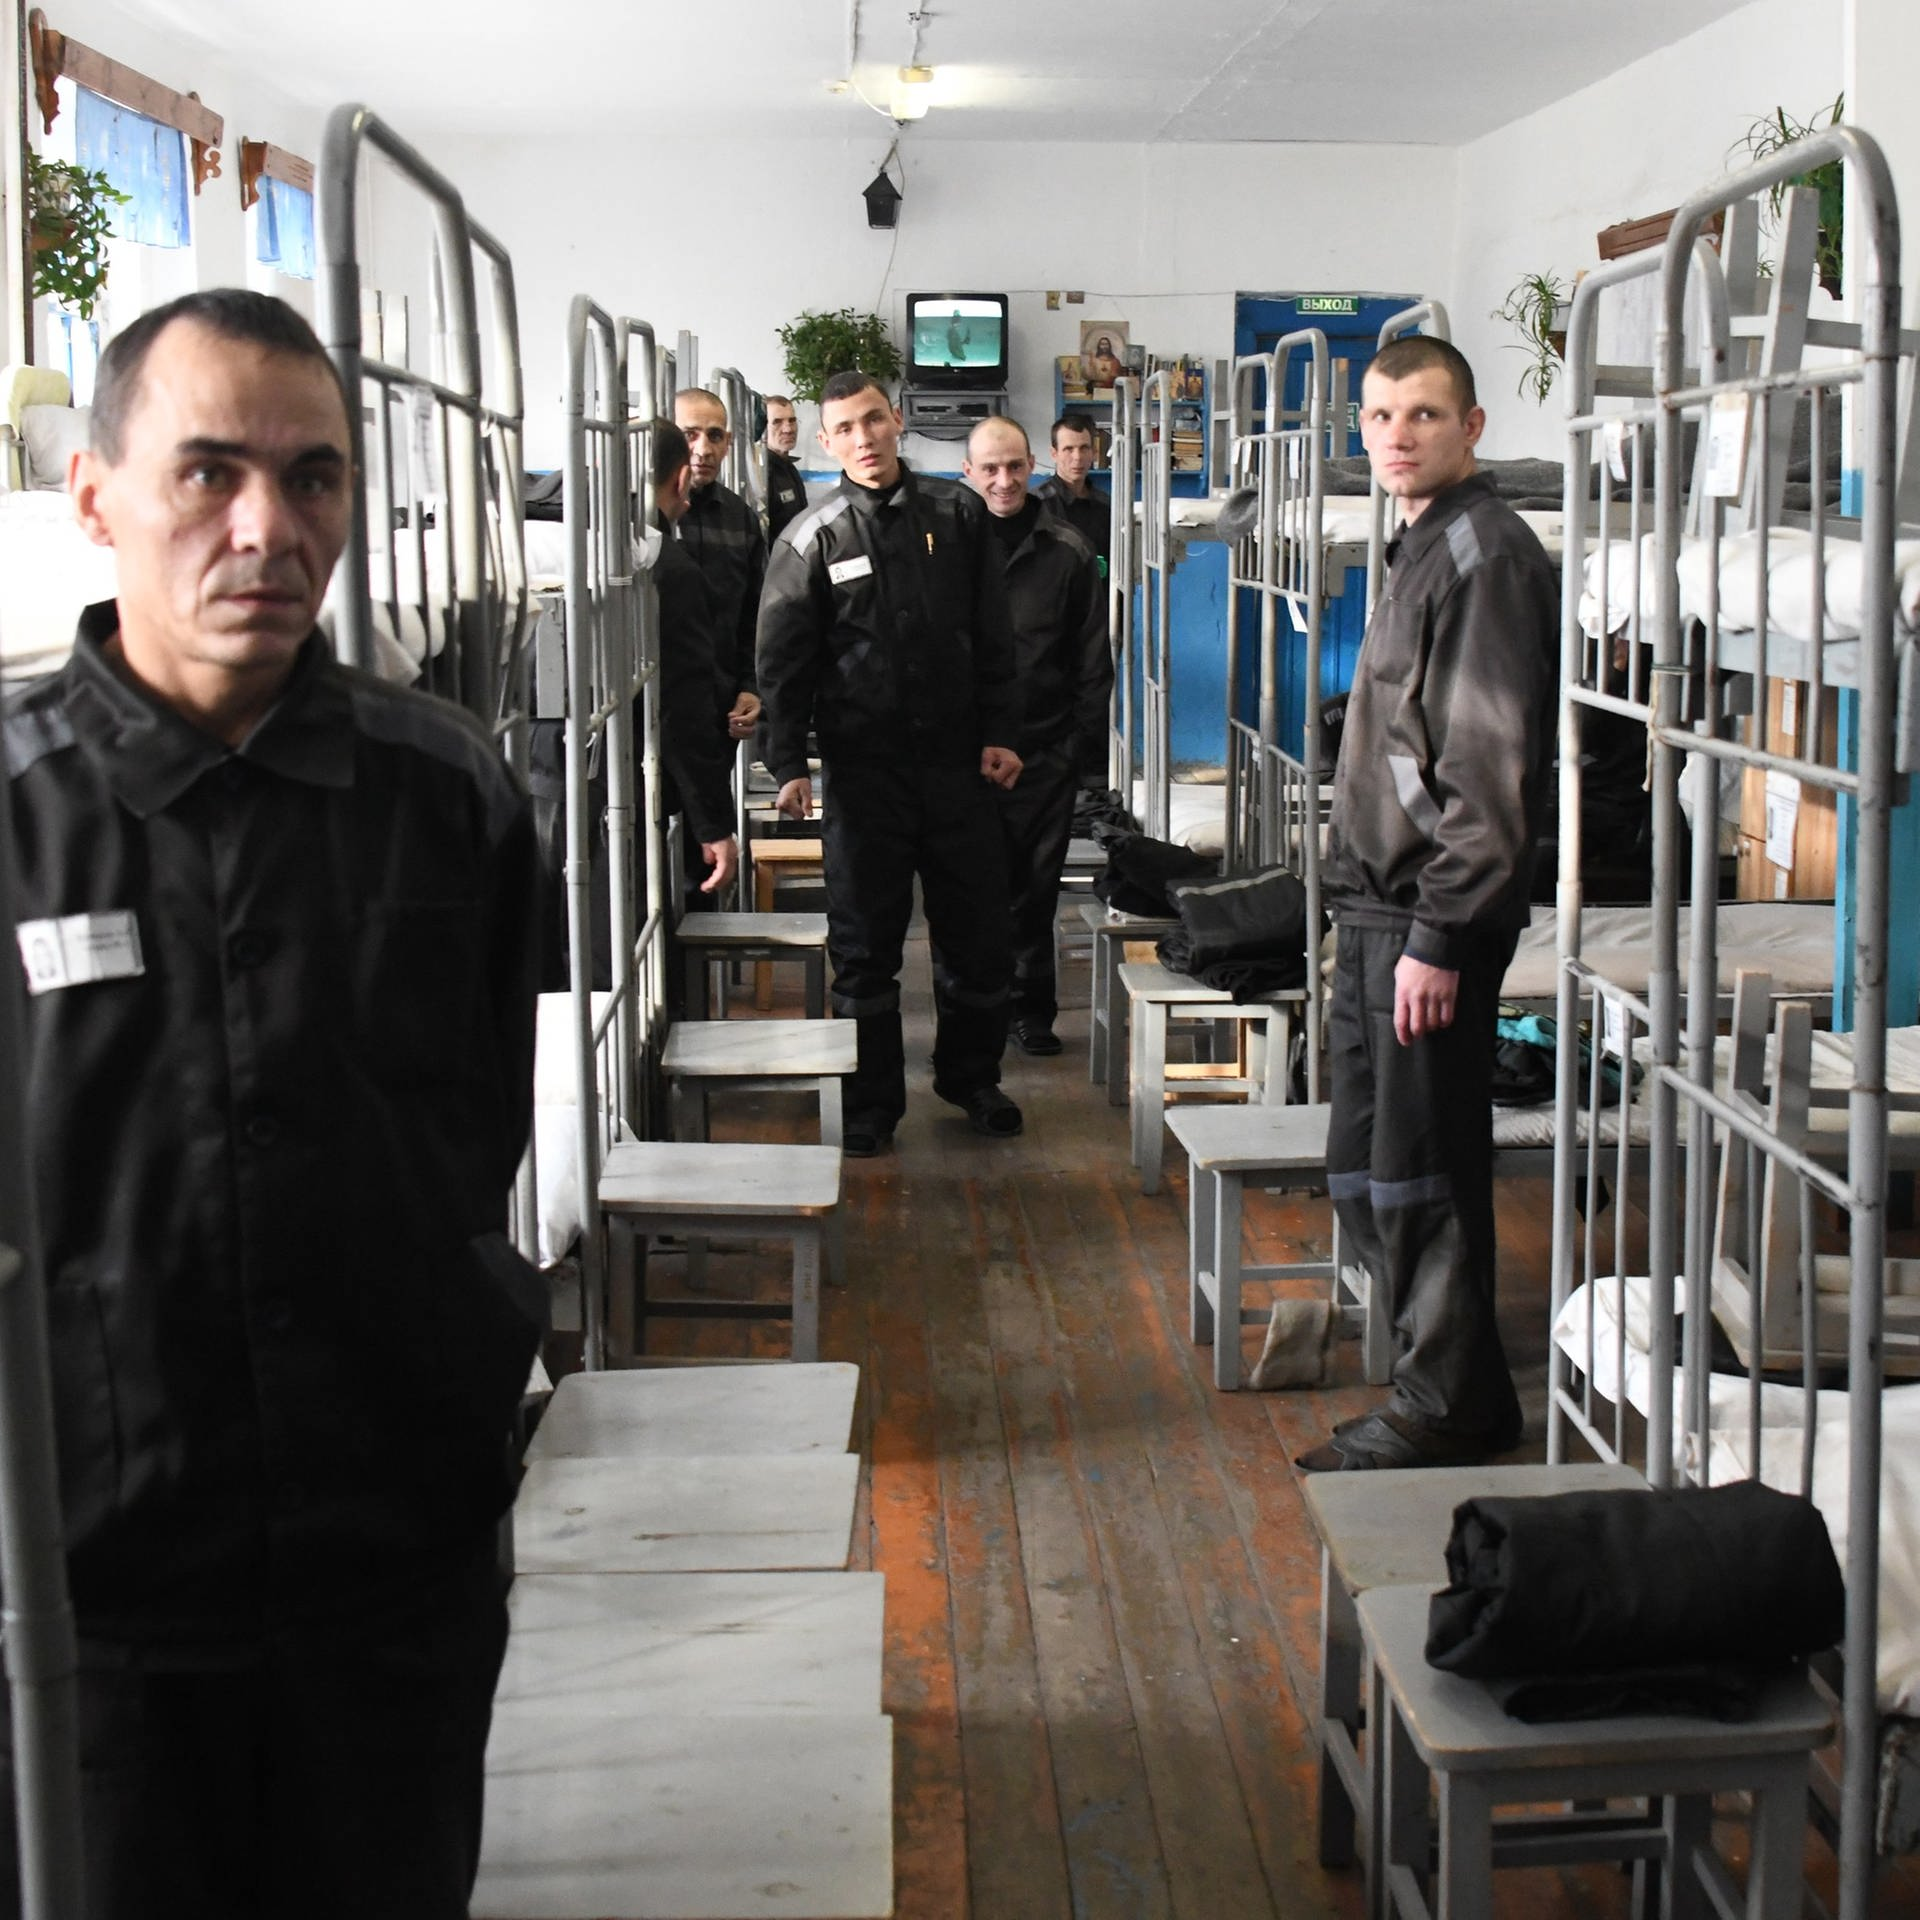 Strafvollzug in Russland – Zwischen Folter und Reform